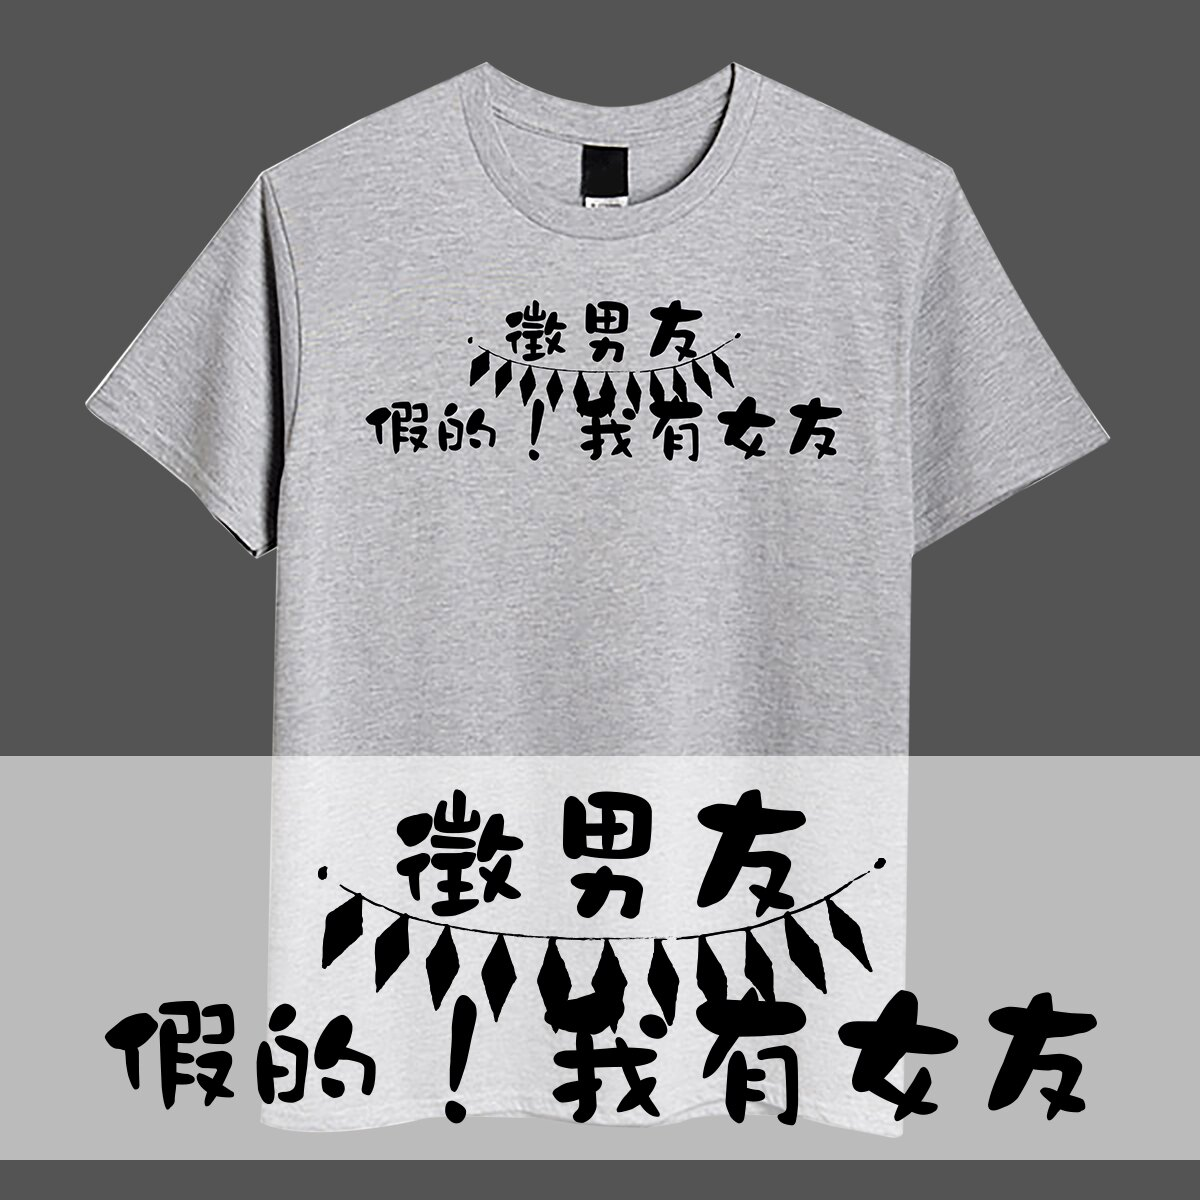 ✨文字系列✨徵男友!假的 我有男友 潮流休閒短袖T恤/自己的T恤自己做-色T!100%純棉台製棉T素材!一件也可以做!多件另有優惠!歡迎團體訂做! 2